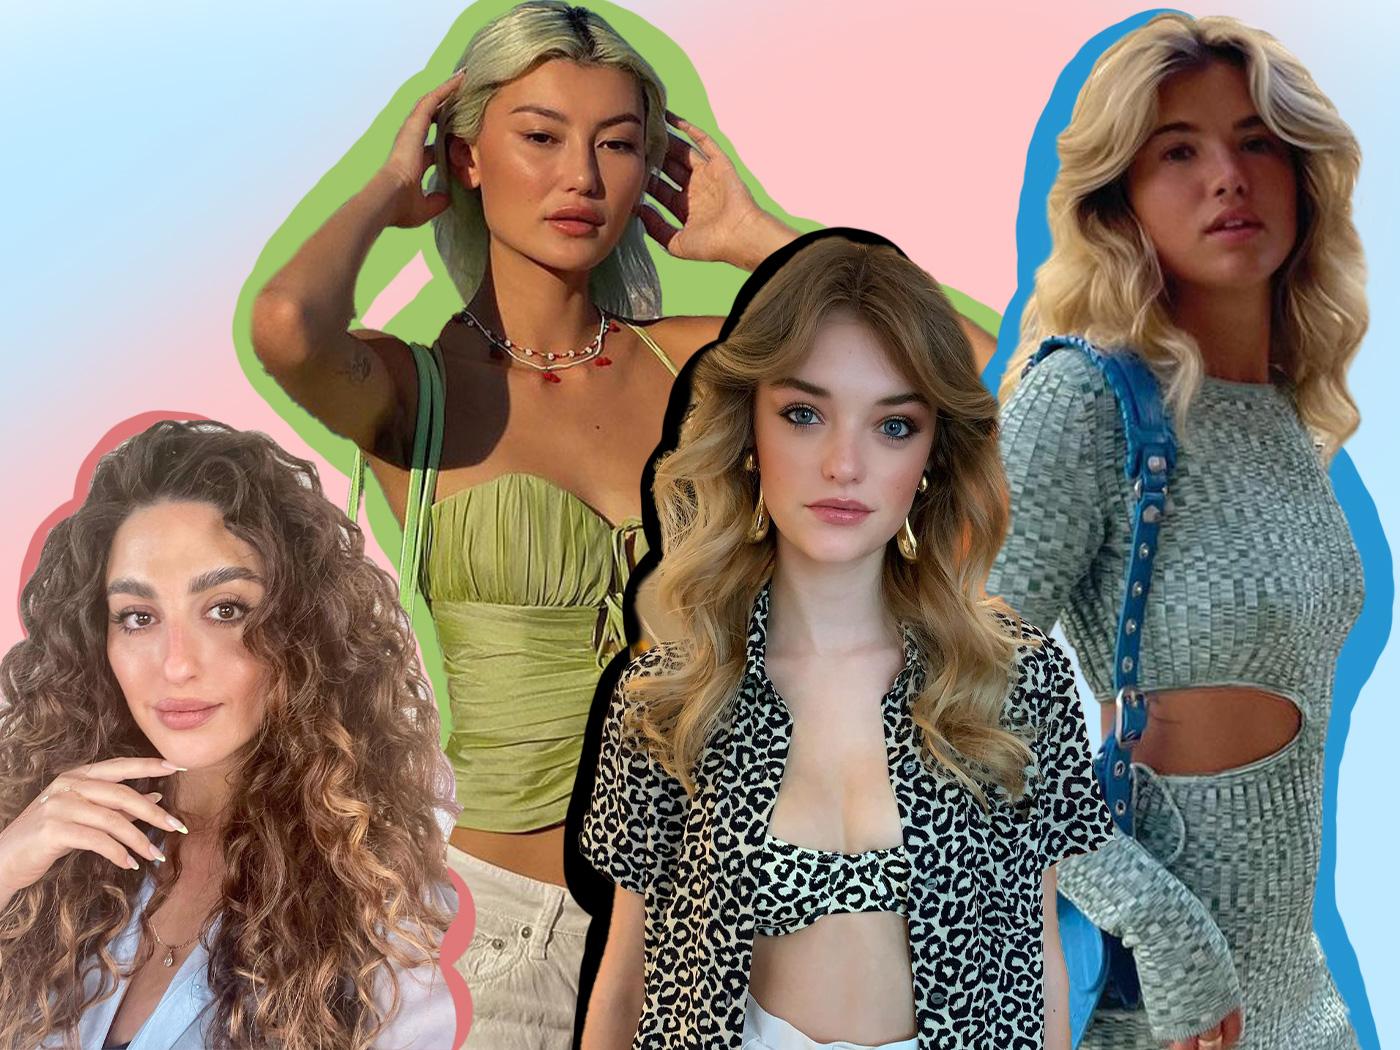 Αυτές είναι οι τρεις μεγαλύτερες τάσεις στα μαλλιά φέτος το καλοκαίρι